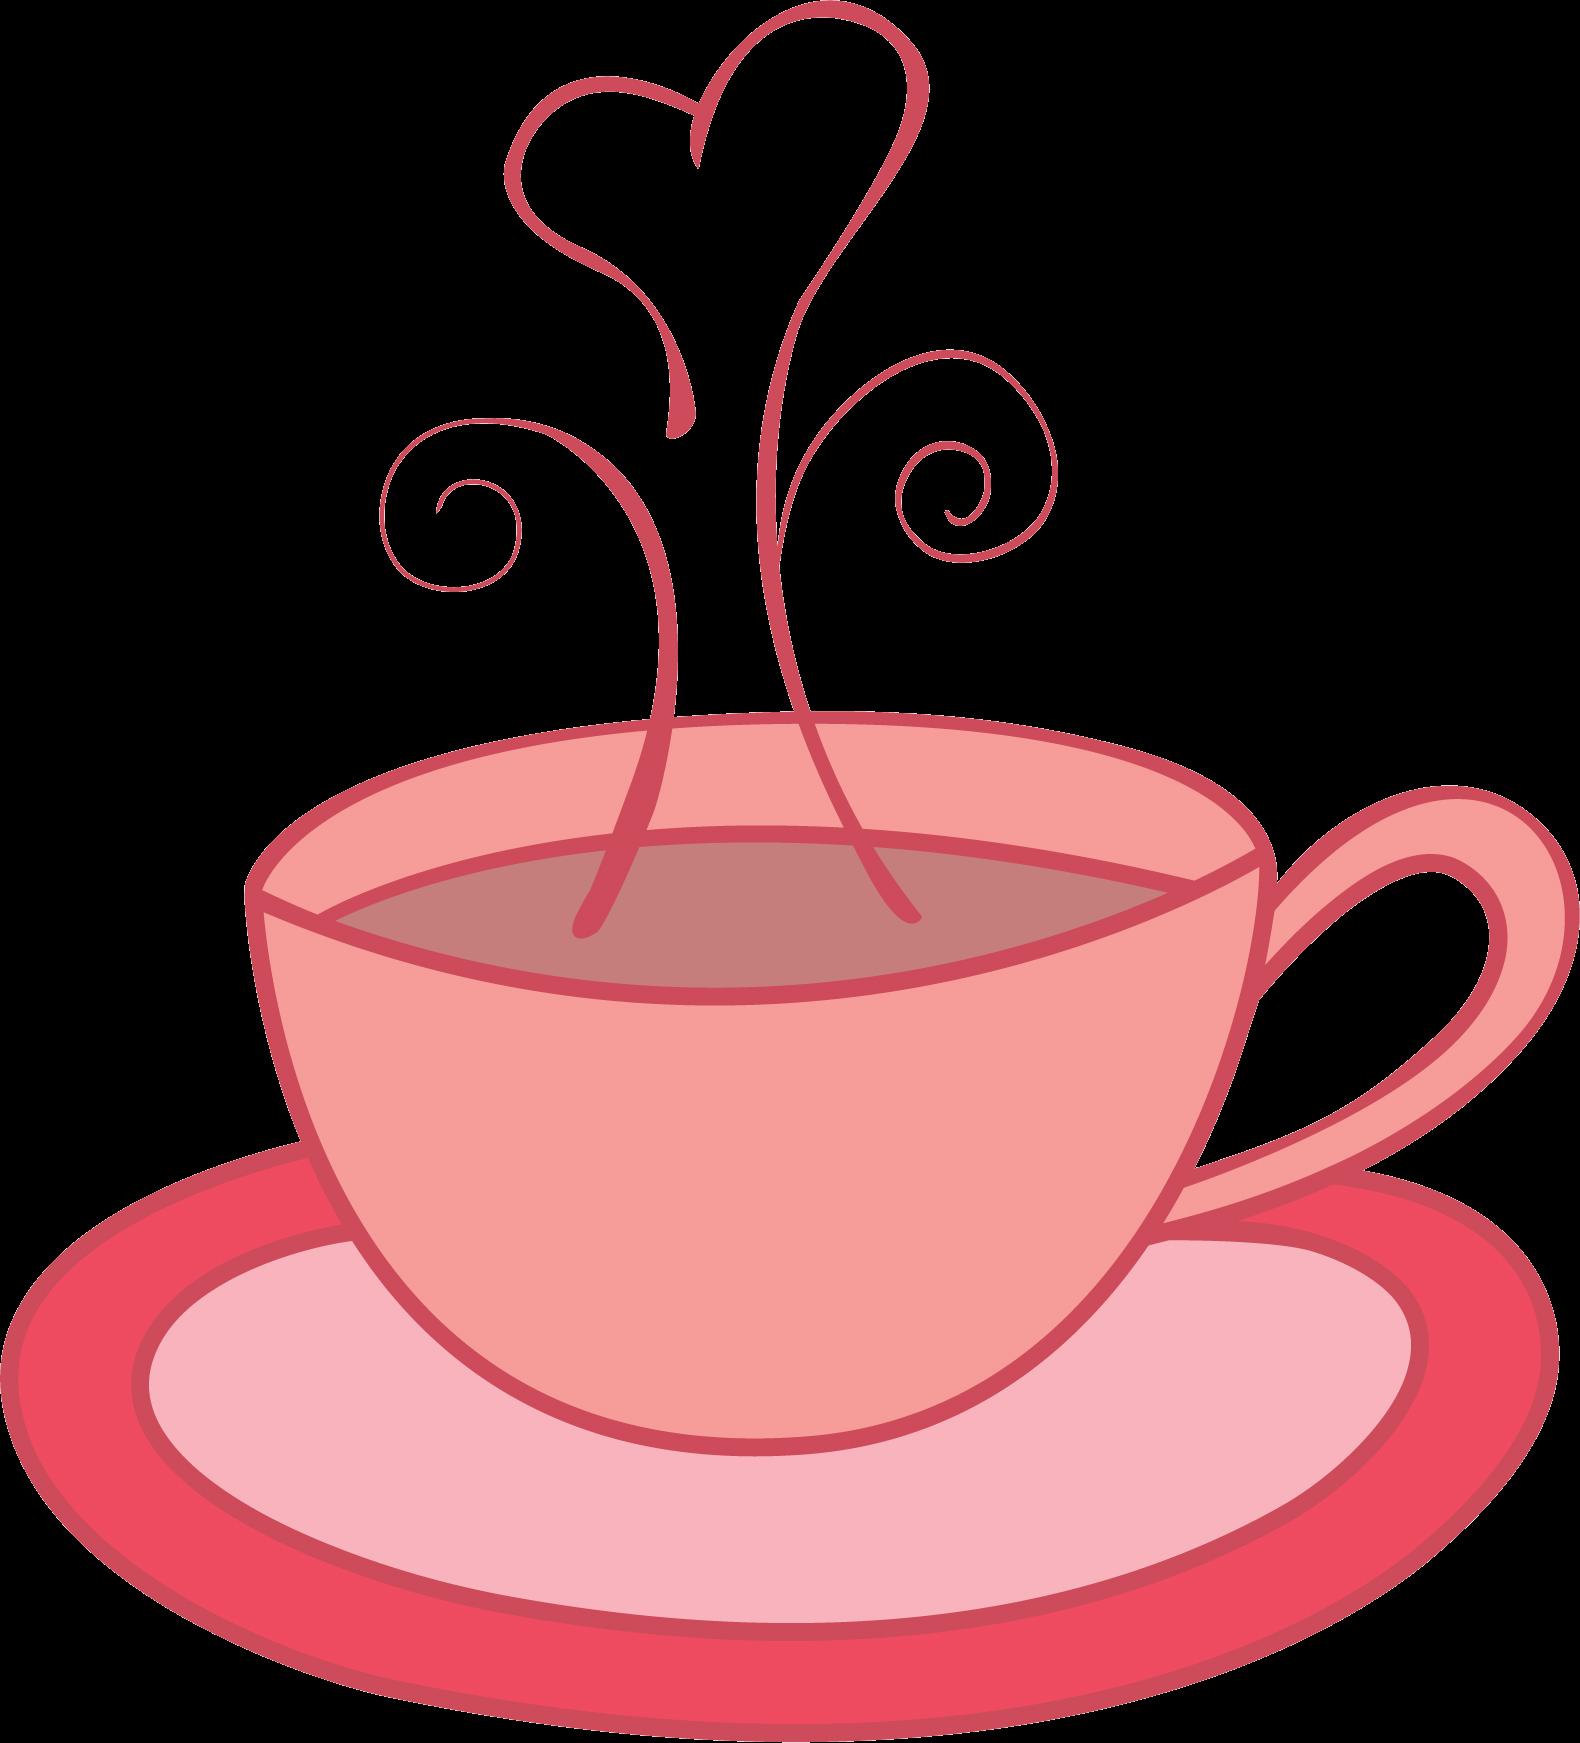 Tea cliparts. Tea Cup Clip Art